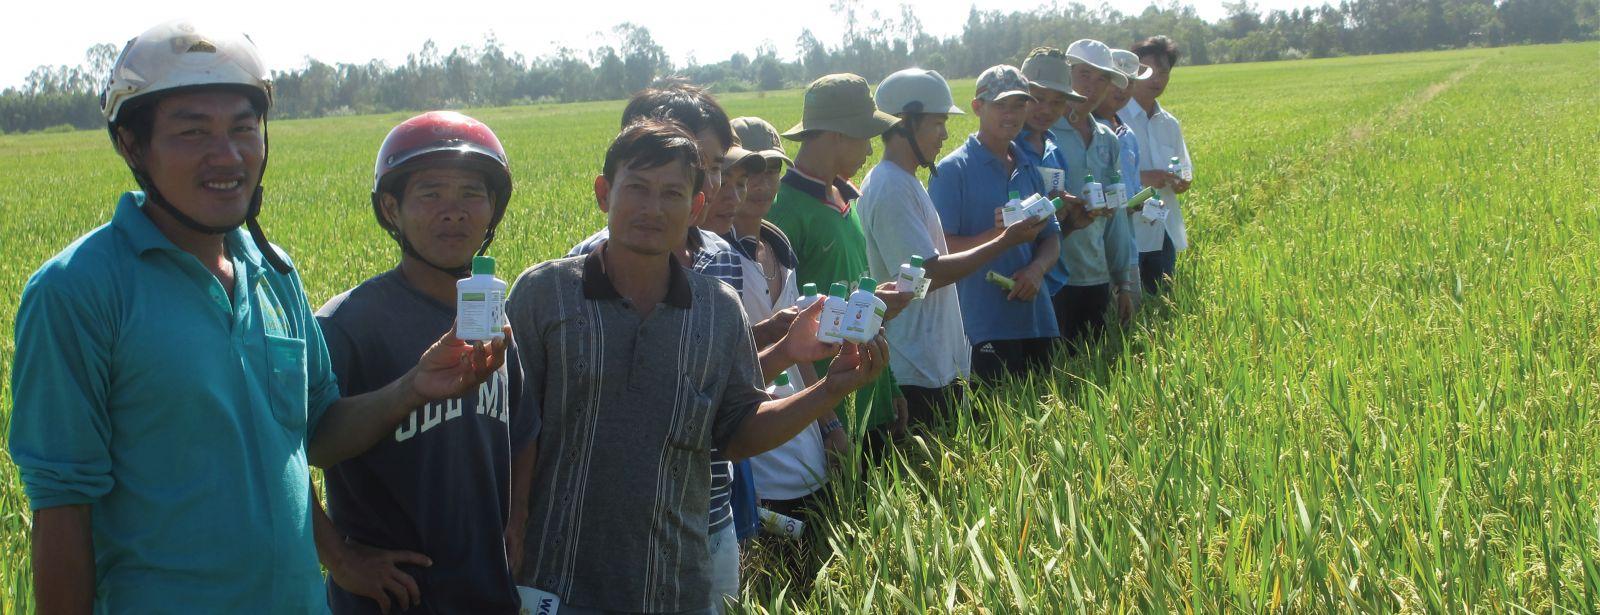 Wokozim đã được sử dụng trên 40 loại cây trồng và hơn 20 quốc gia trên thế giới